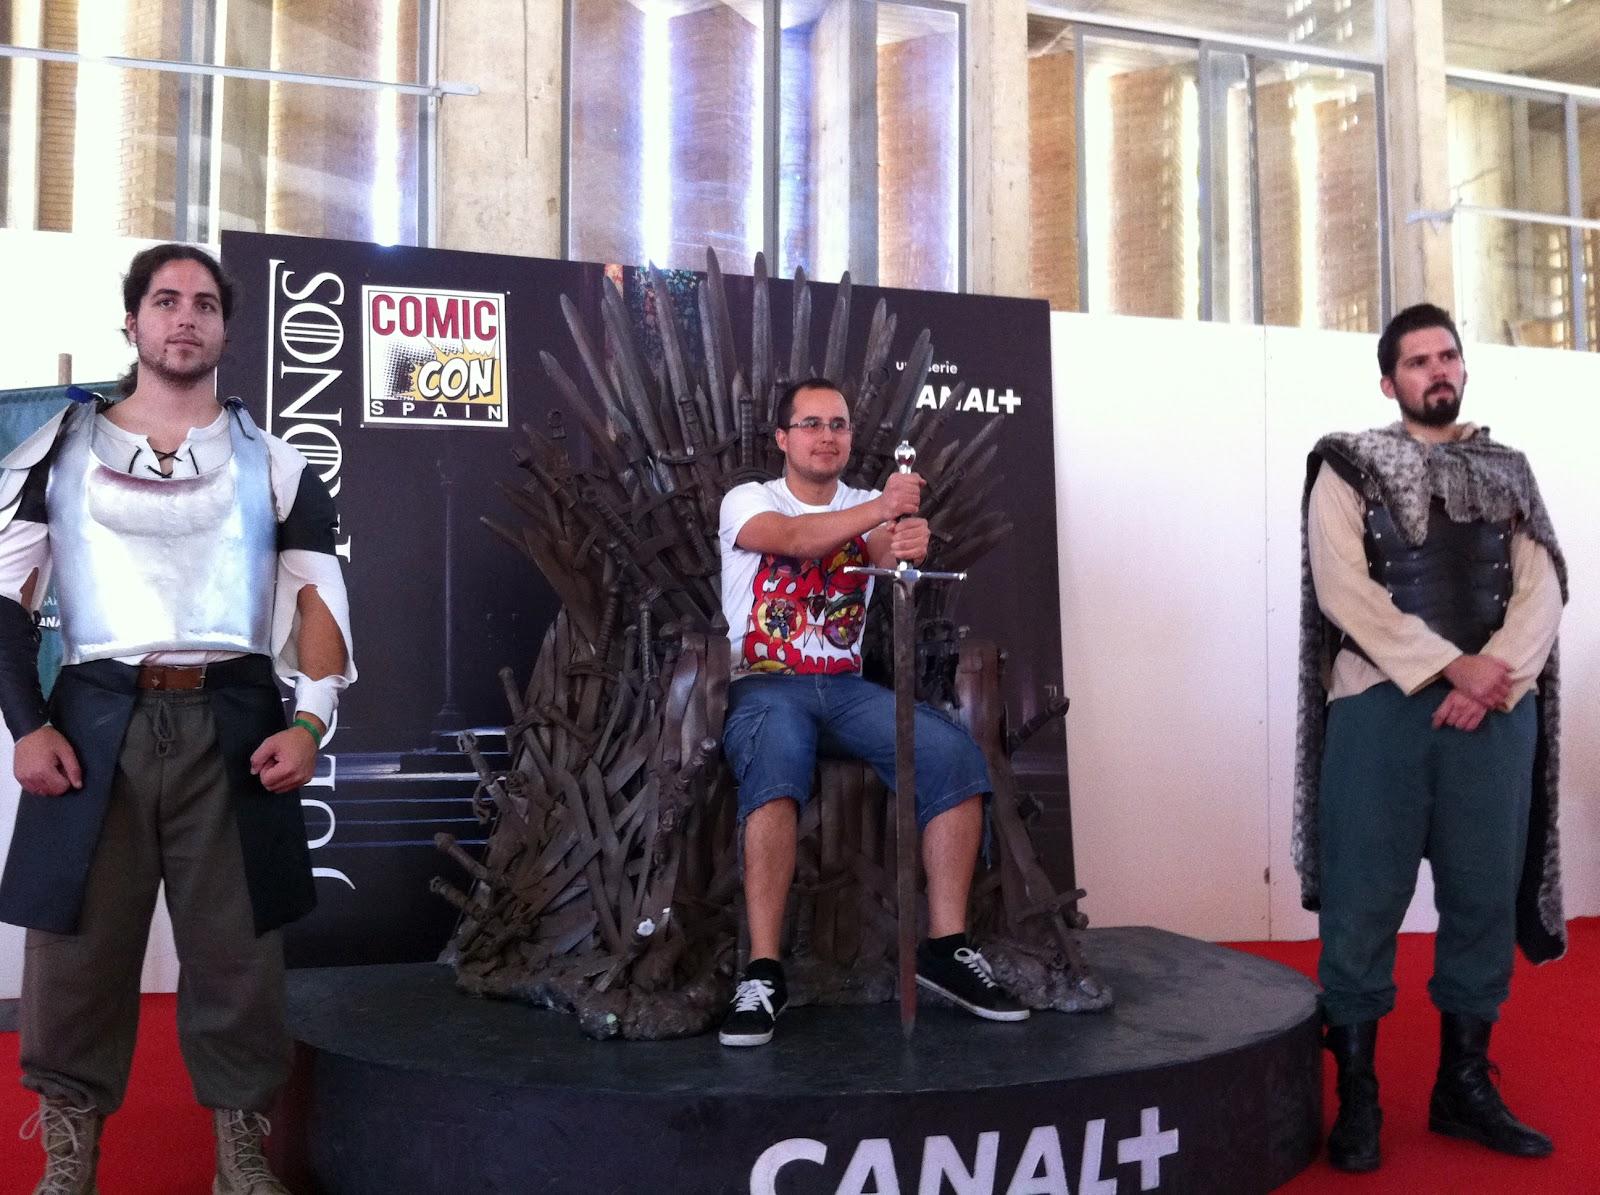 Trono de Hierro en la Comic Con Spain de Jerez